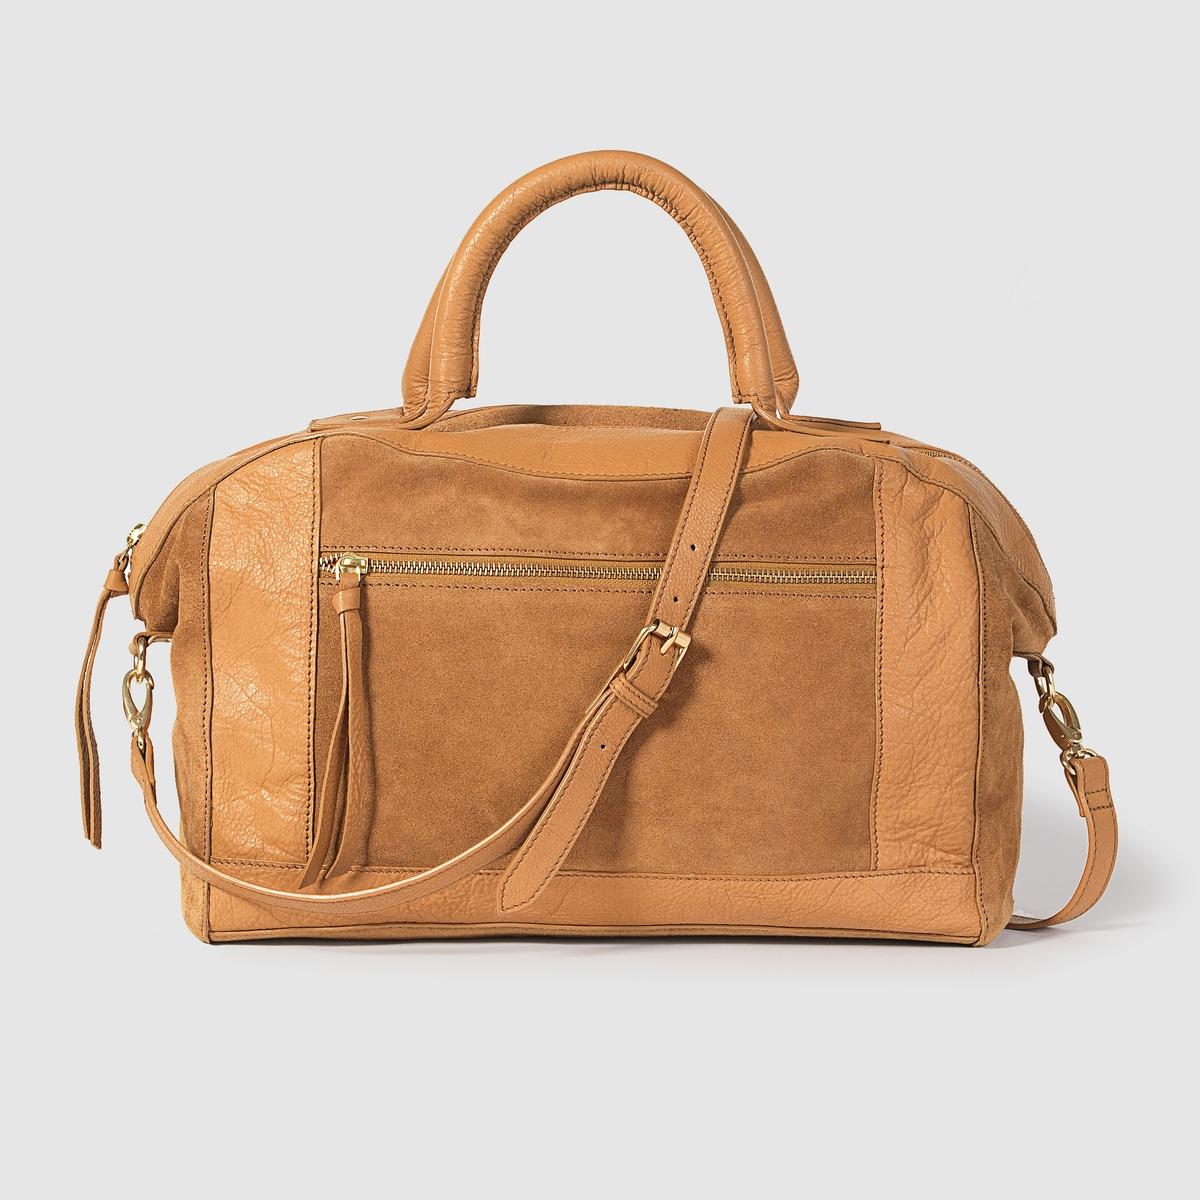 Сумка-мешок кожаныйМарка : R STUDIOРазмеры : 35 x 29 x 12 смВерх : невыделанная кожа и яловичная кожаПодкладка : текстильЗастежка : на молниюКарманы : внутренний карман и внешний карман на молнииПлечевой ремень : ручки и съемный ремень из кожи Преимущества : Кожа является главным, но не единственным преимуществом, так как в сумке достаточно места, чтобы положить все необходимое или почти все.<br><br>Цвет: темно-бежевый,черный